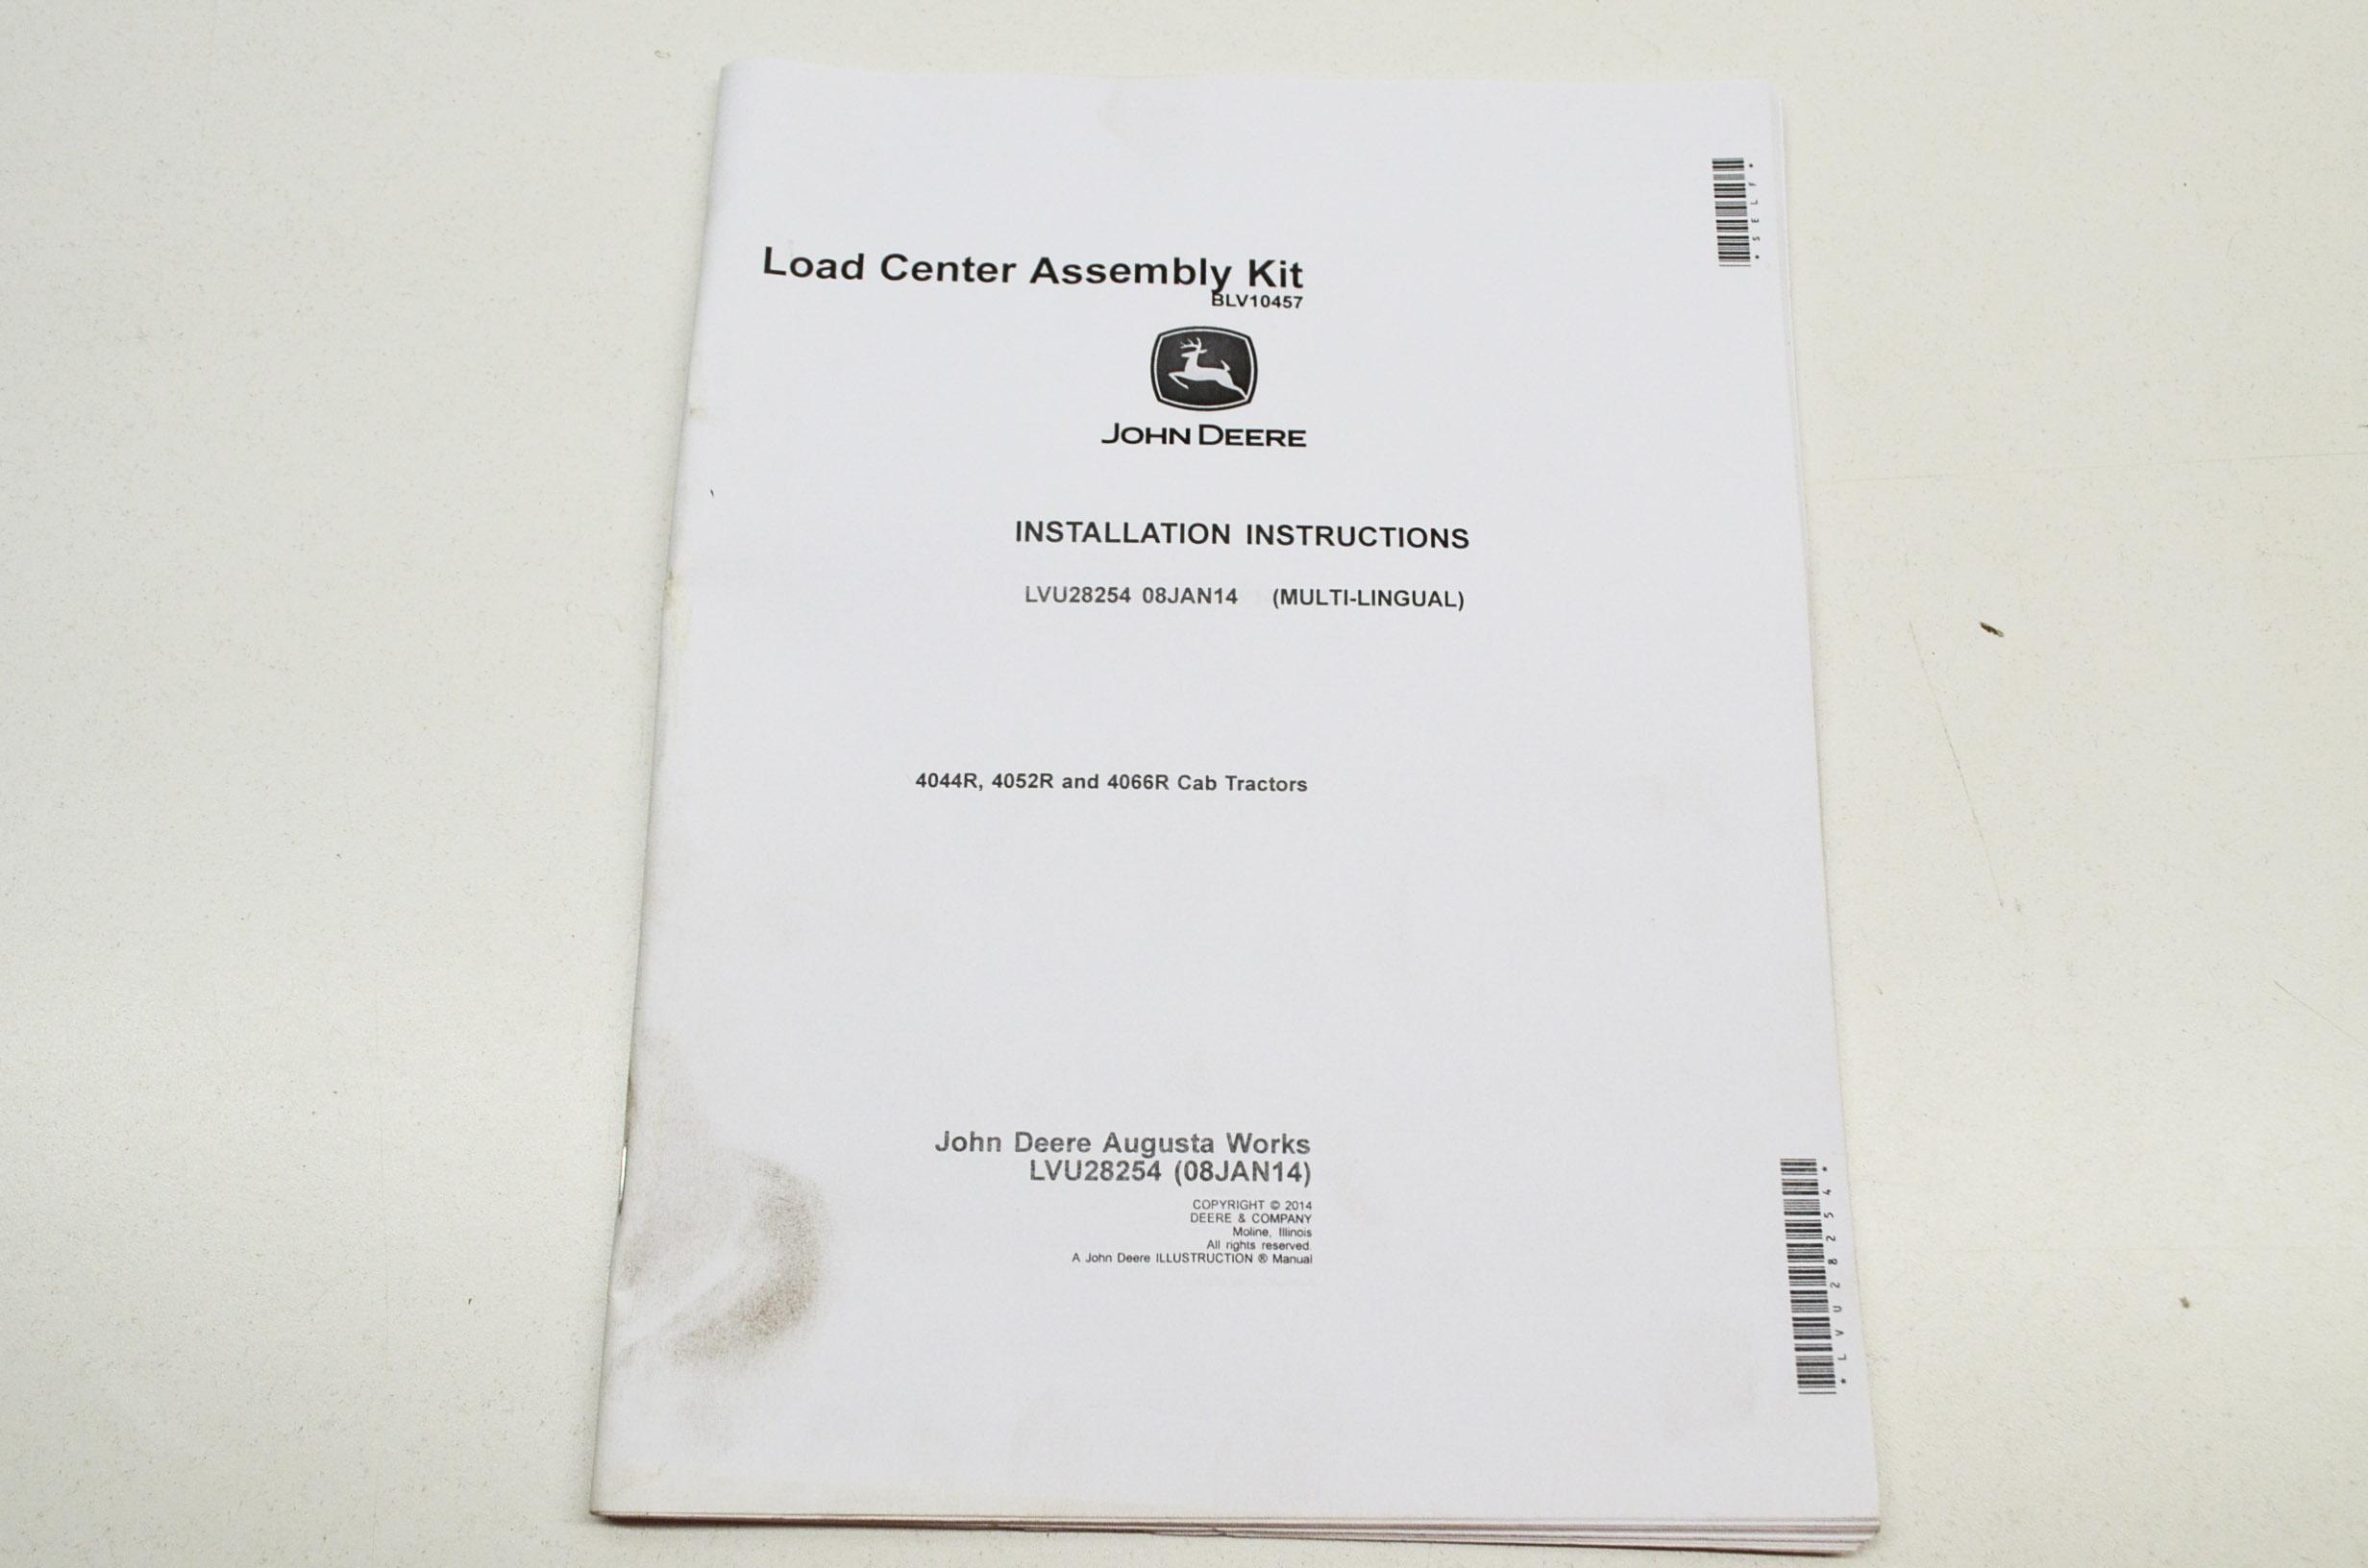 OEM John Deere Installation Instructions Load Center